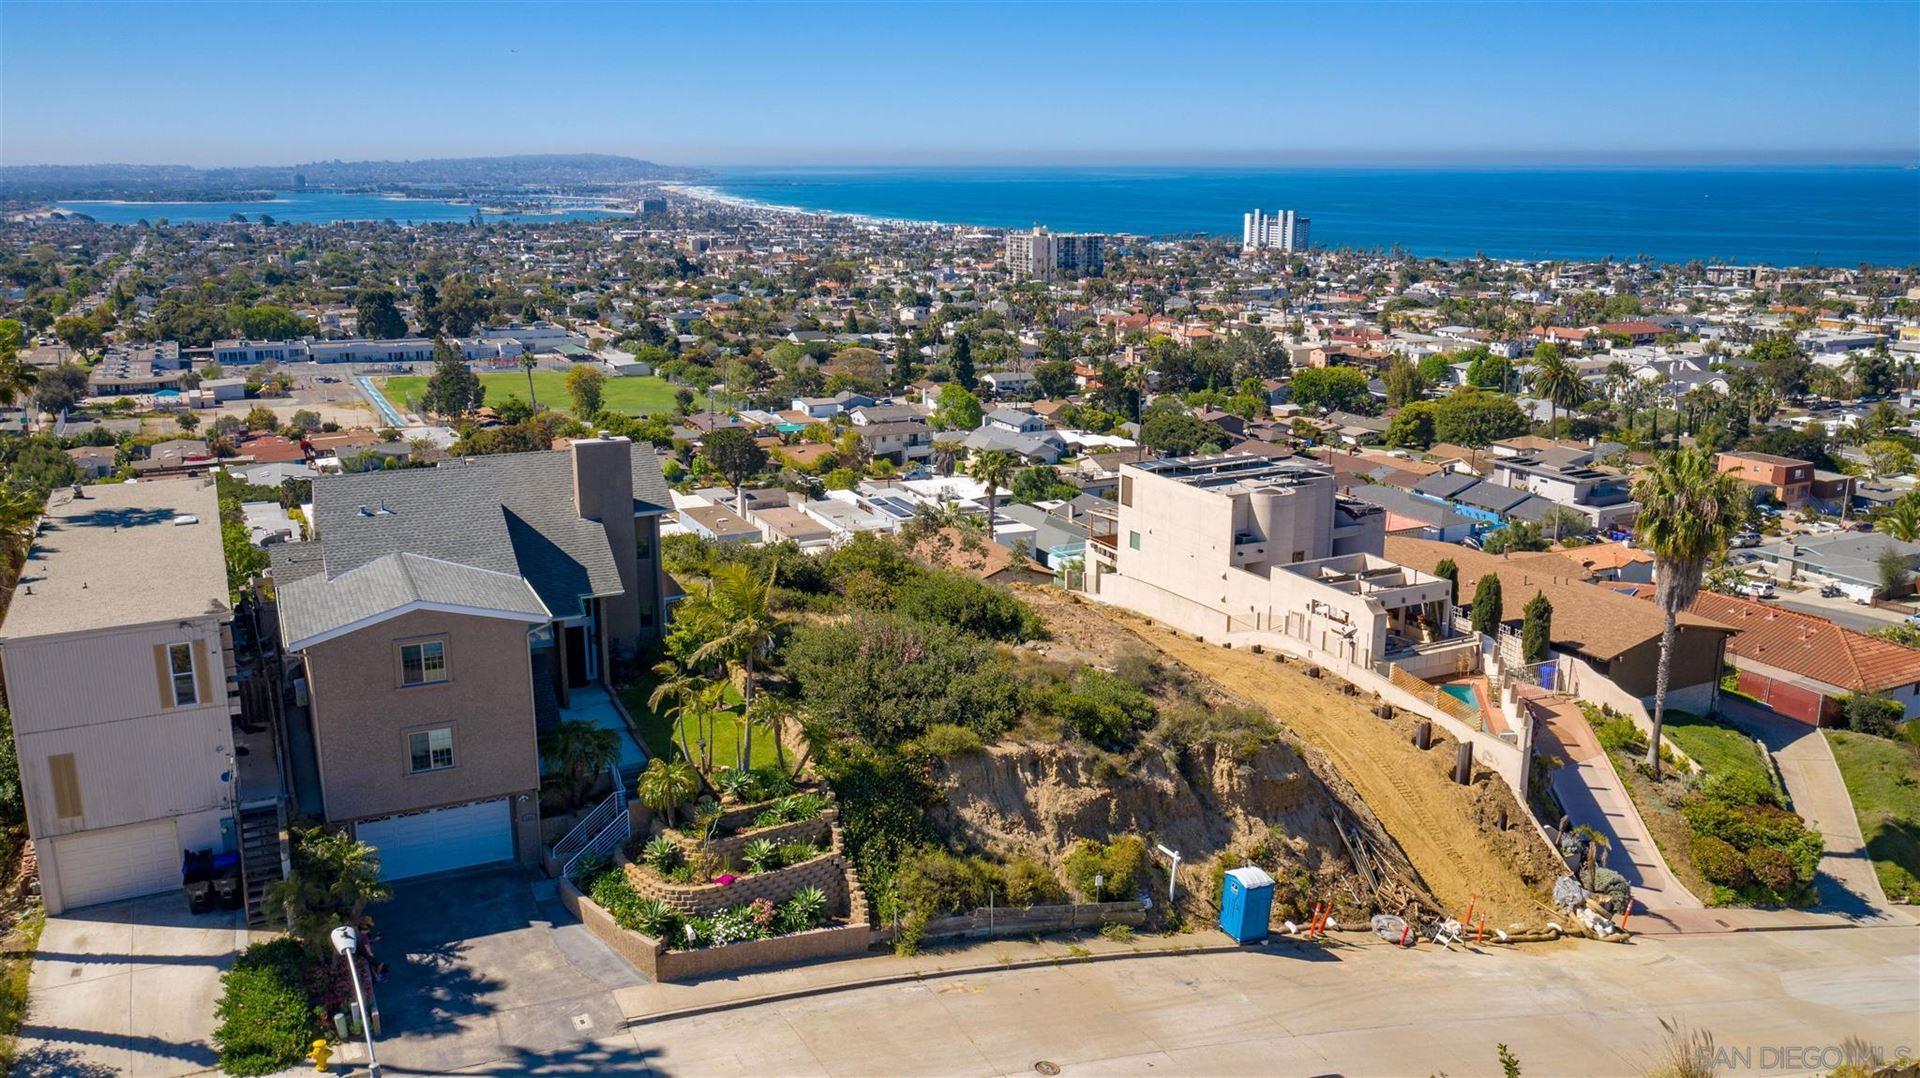 Photo of 1265 Van Nuys St., San Diego, CA 92109 (MLS # 210012124)